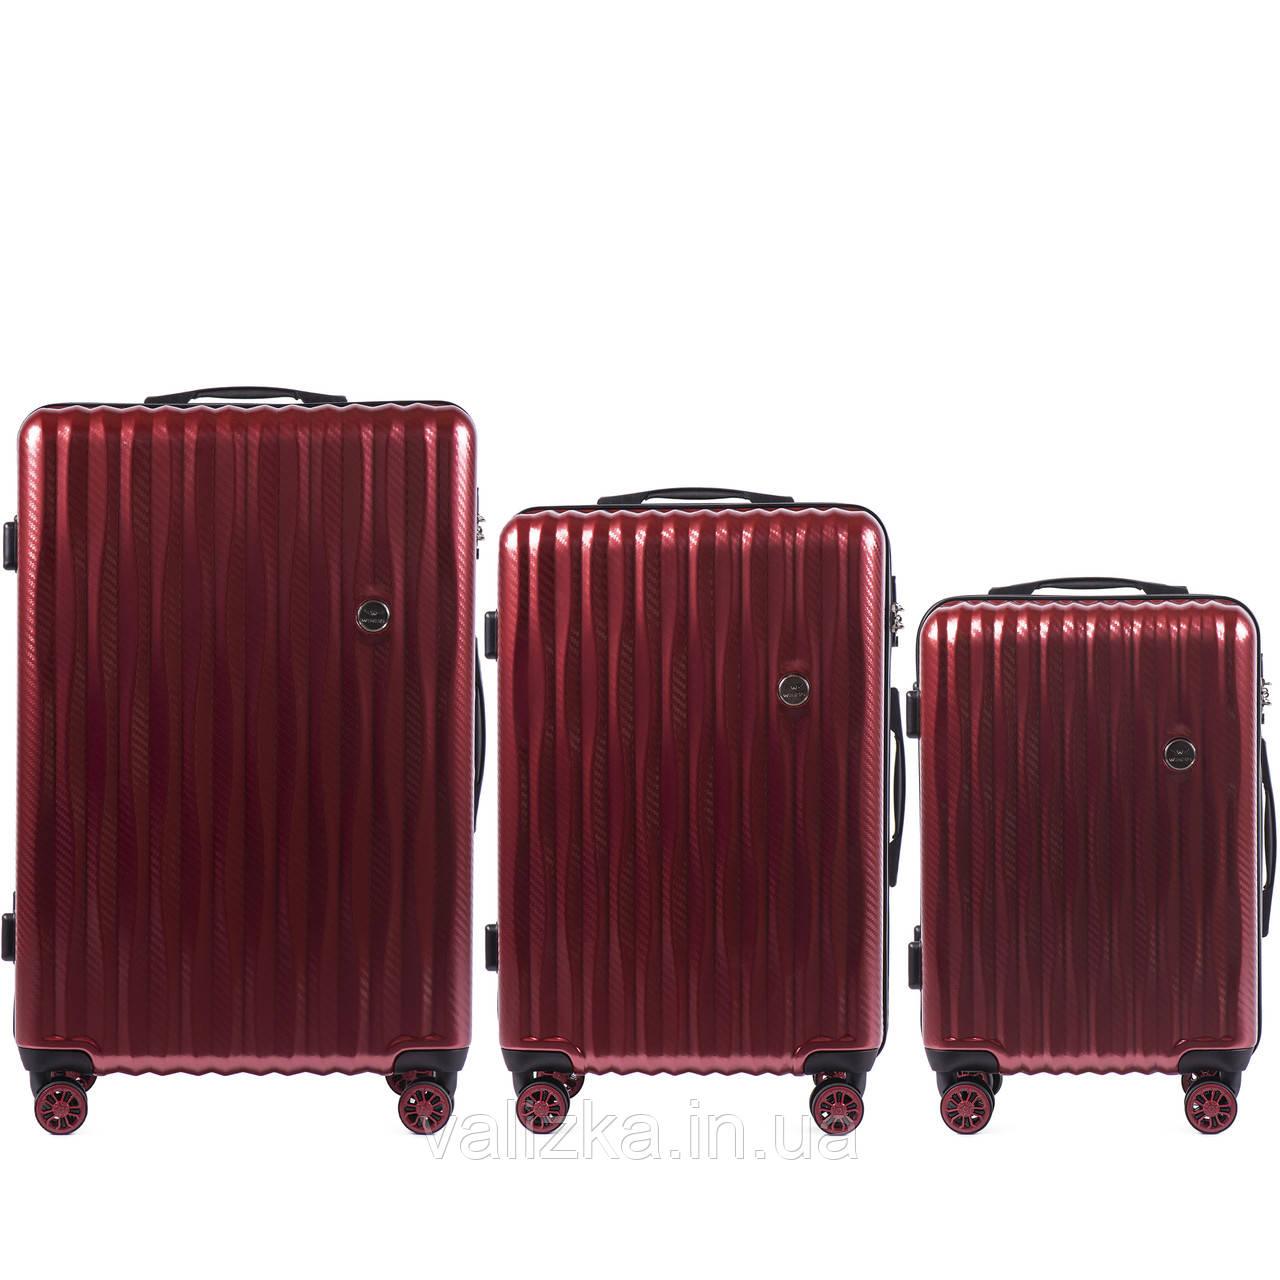 Комплект чемоданов из поликарбоната премиум серии W-5223 3 штуки для ручной клади, средний и большой бордовый